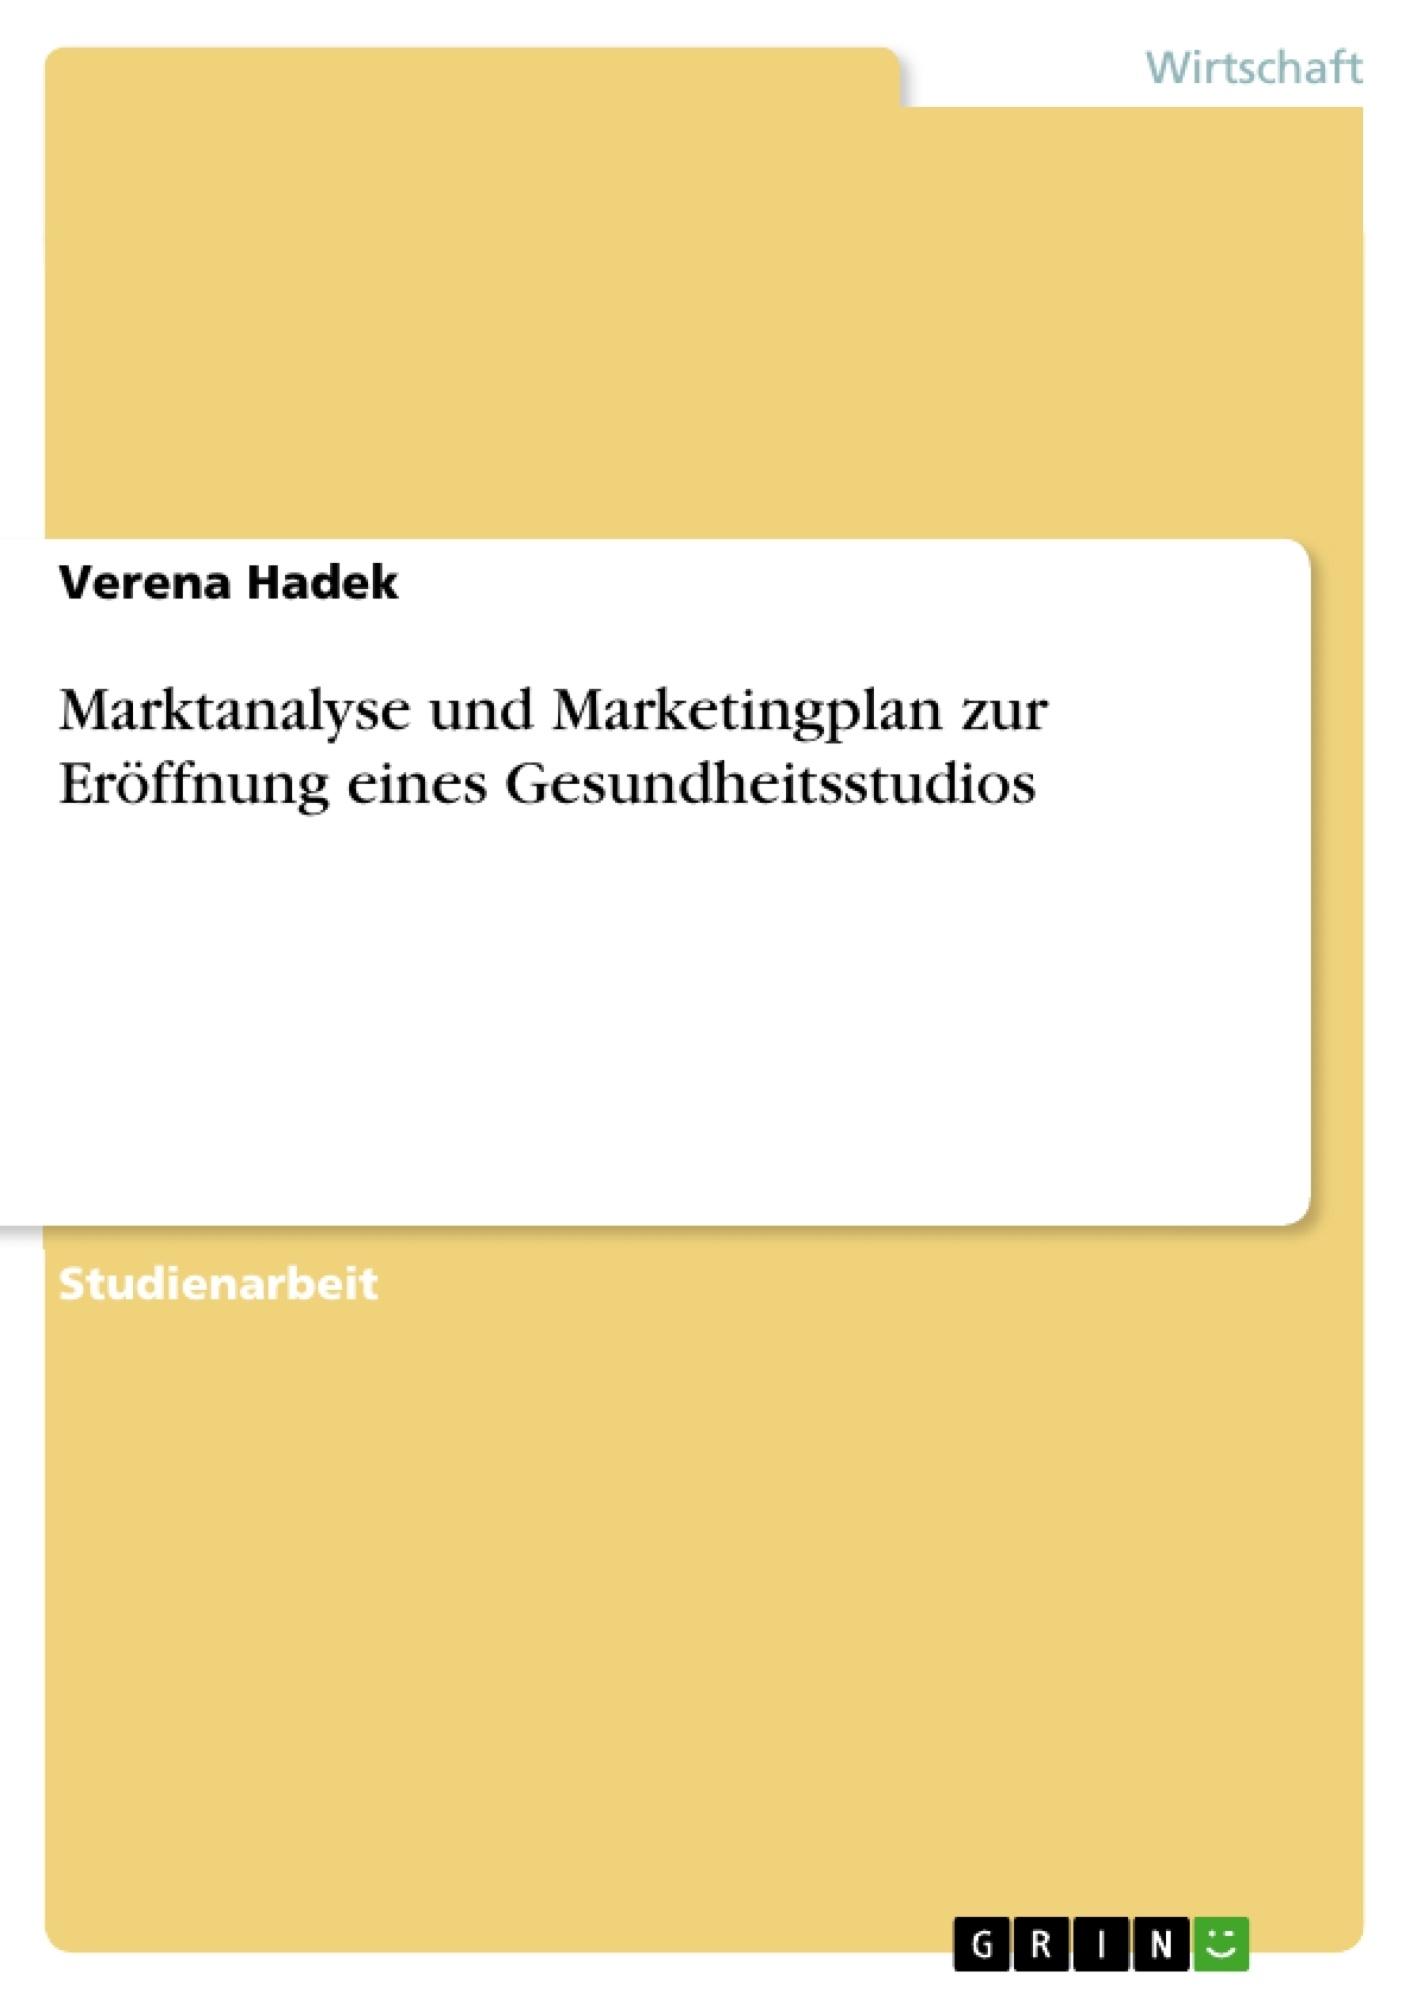 Titel: Marktanalyse und Marketingplan zur Eröffnung eines Gesundheitsstudios